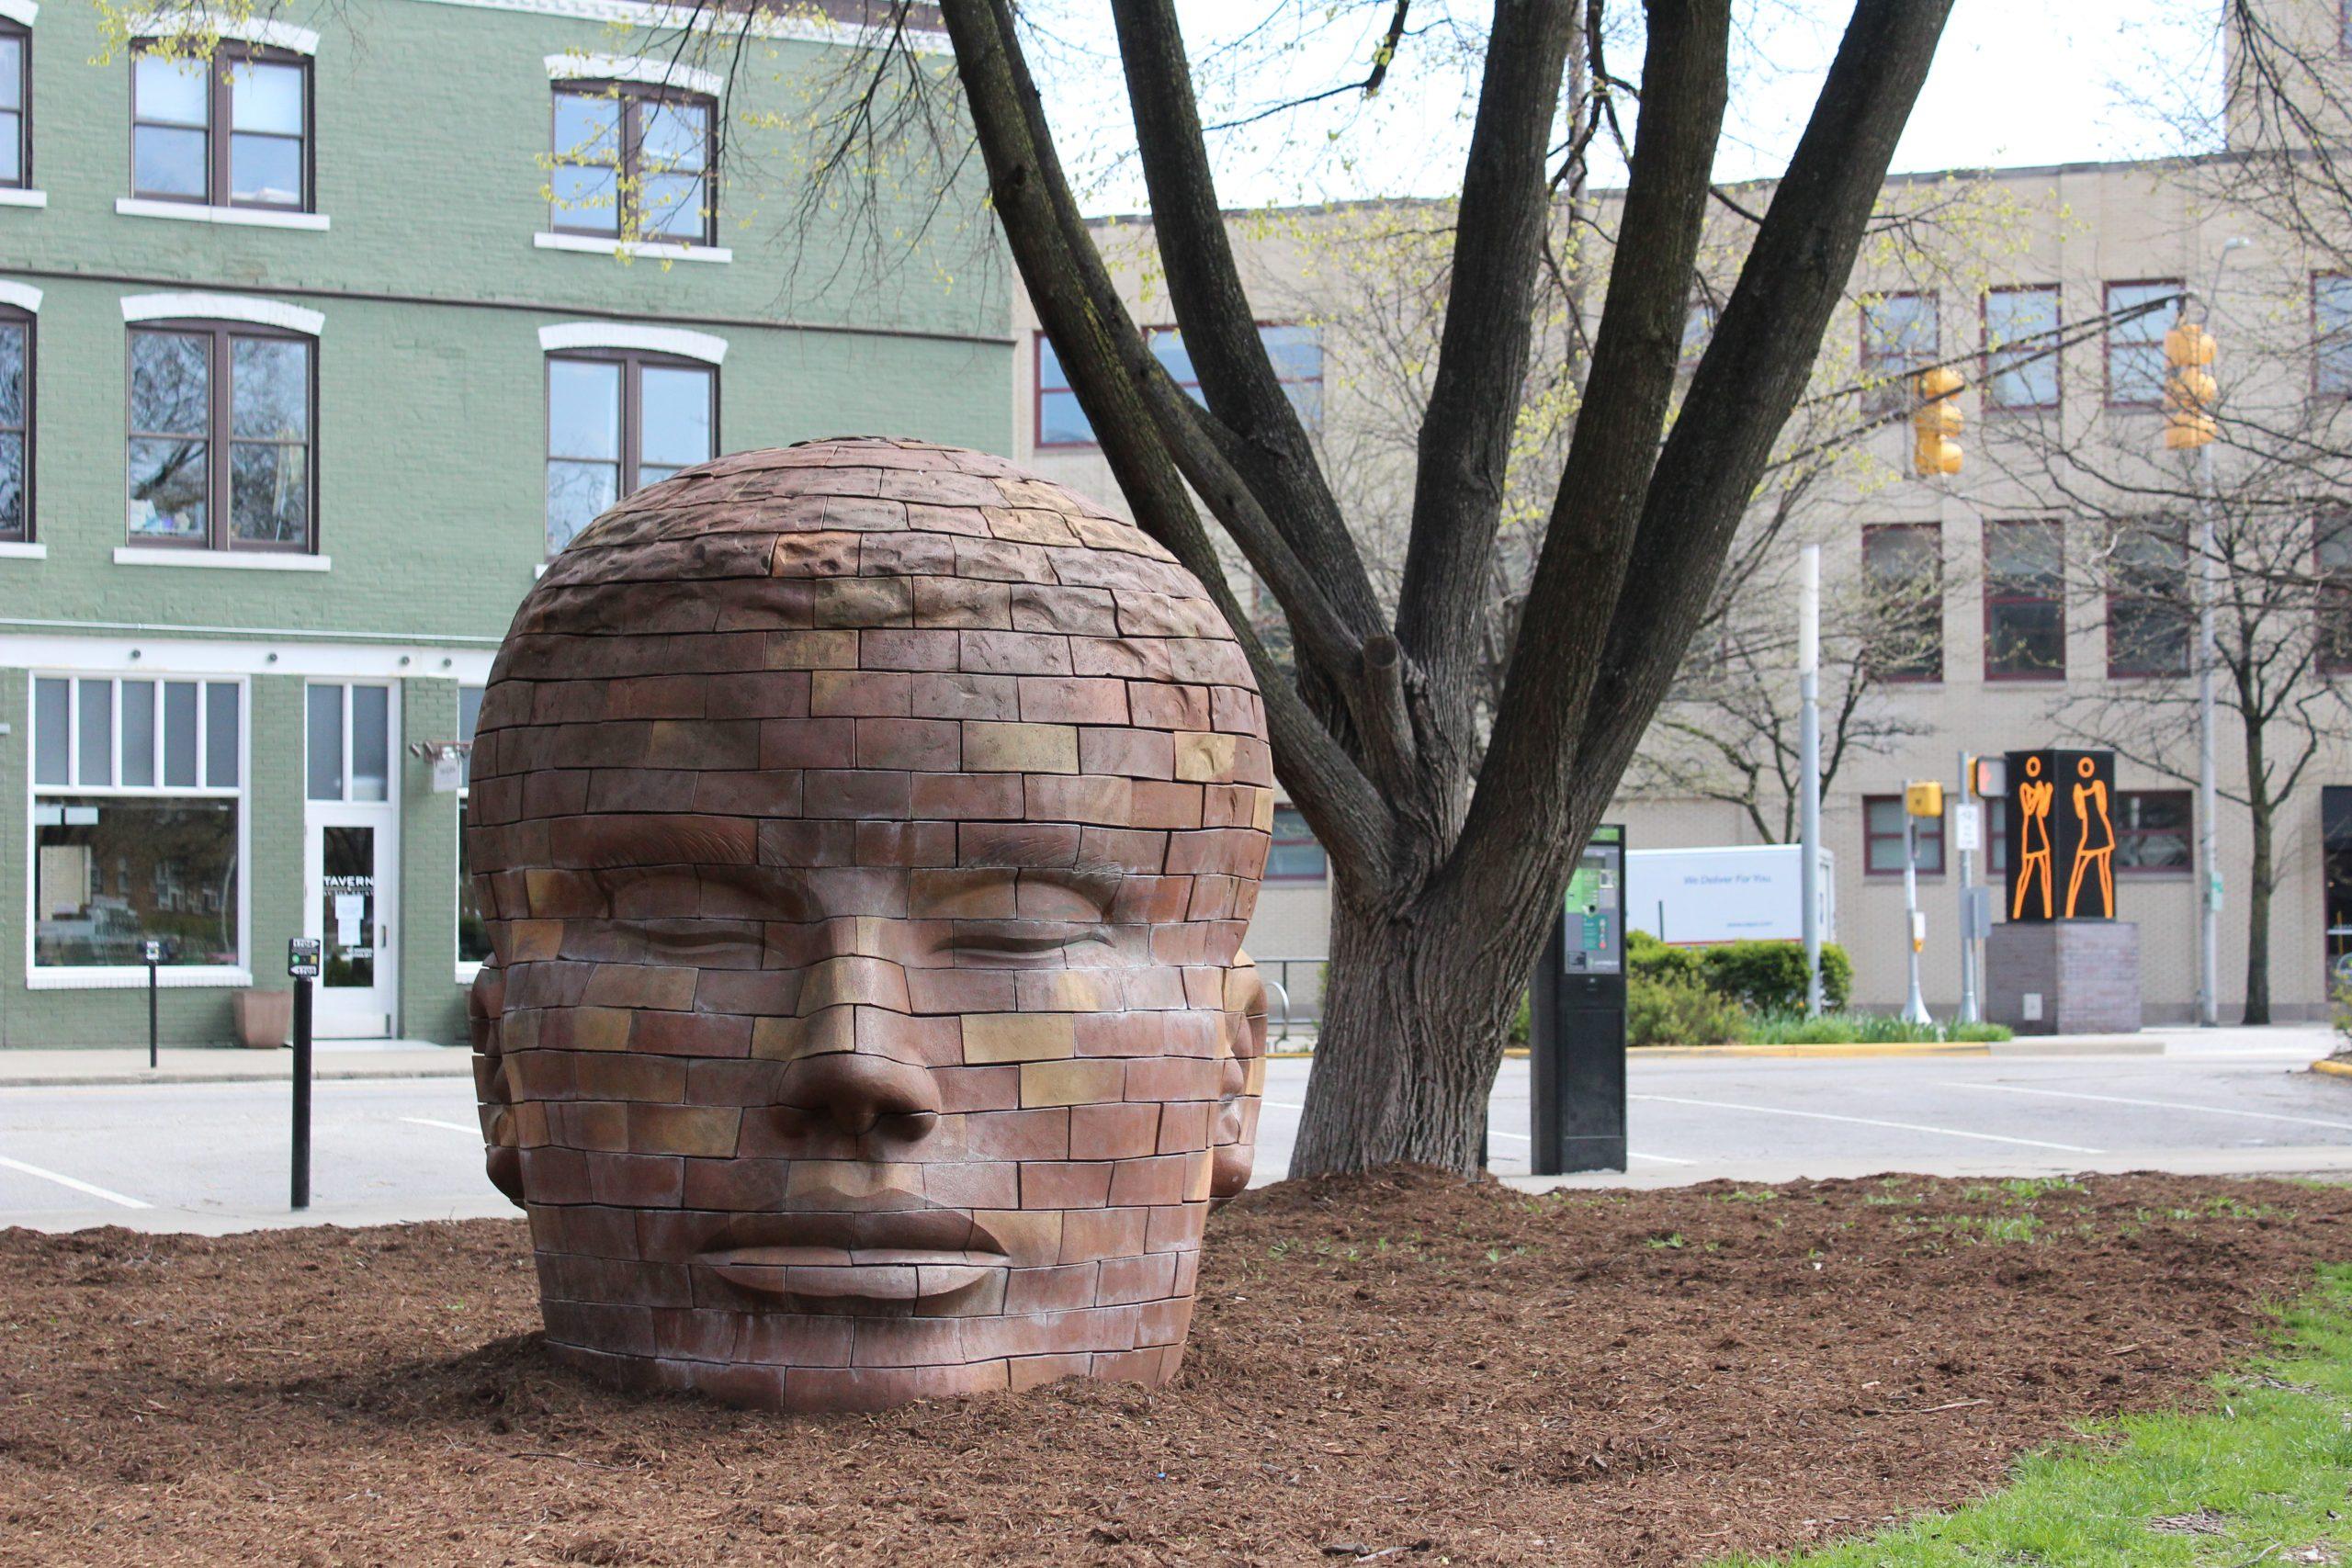 Mass Ave Art - Brick Head Sculpture